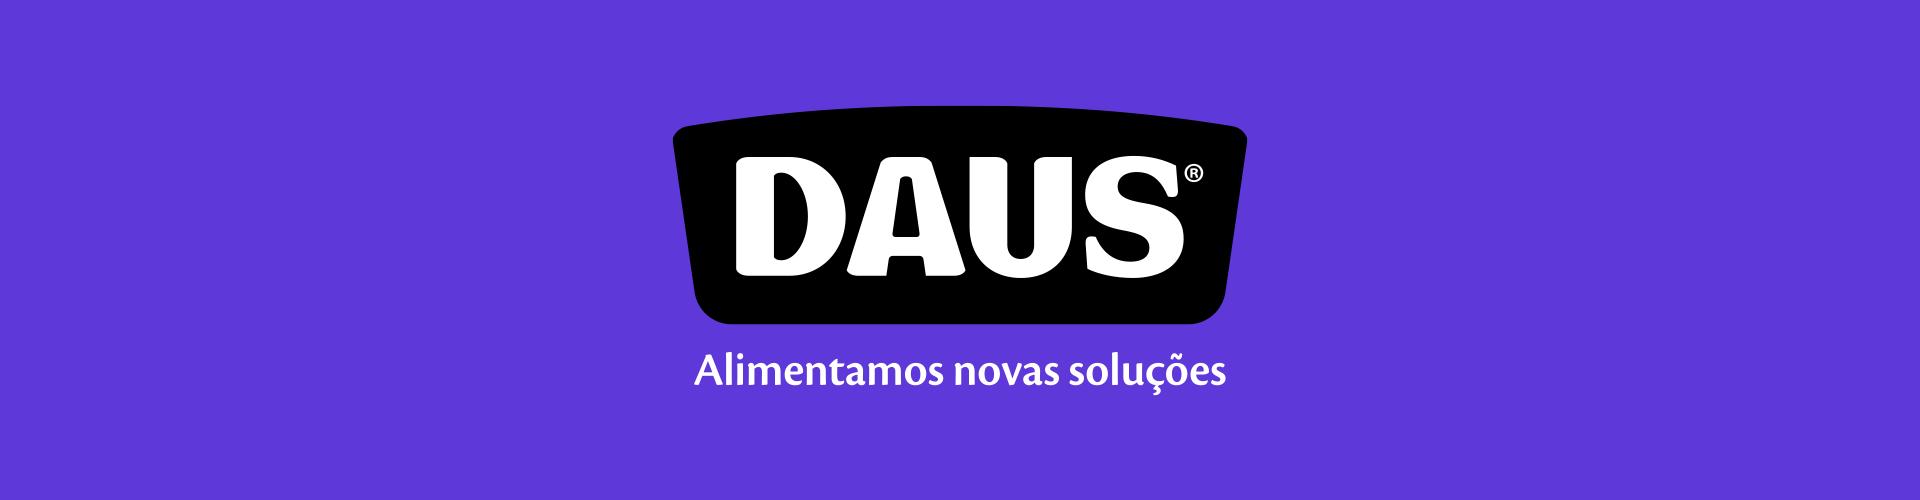 Blog da Daus